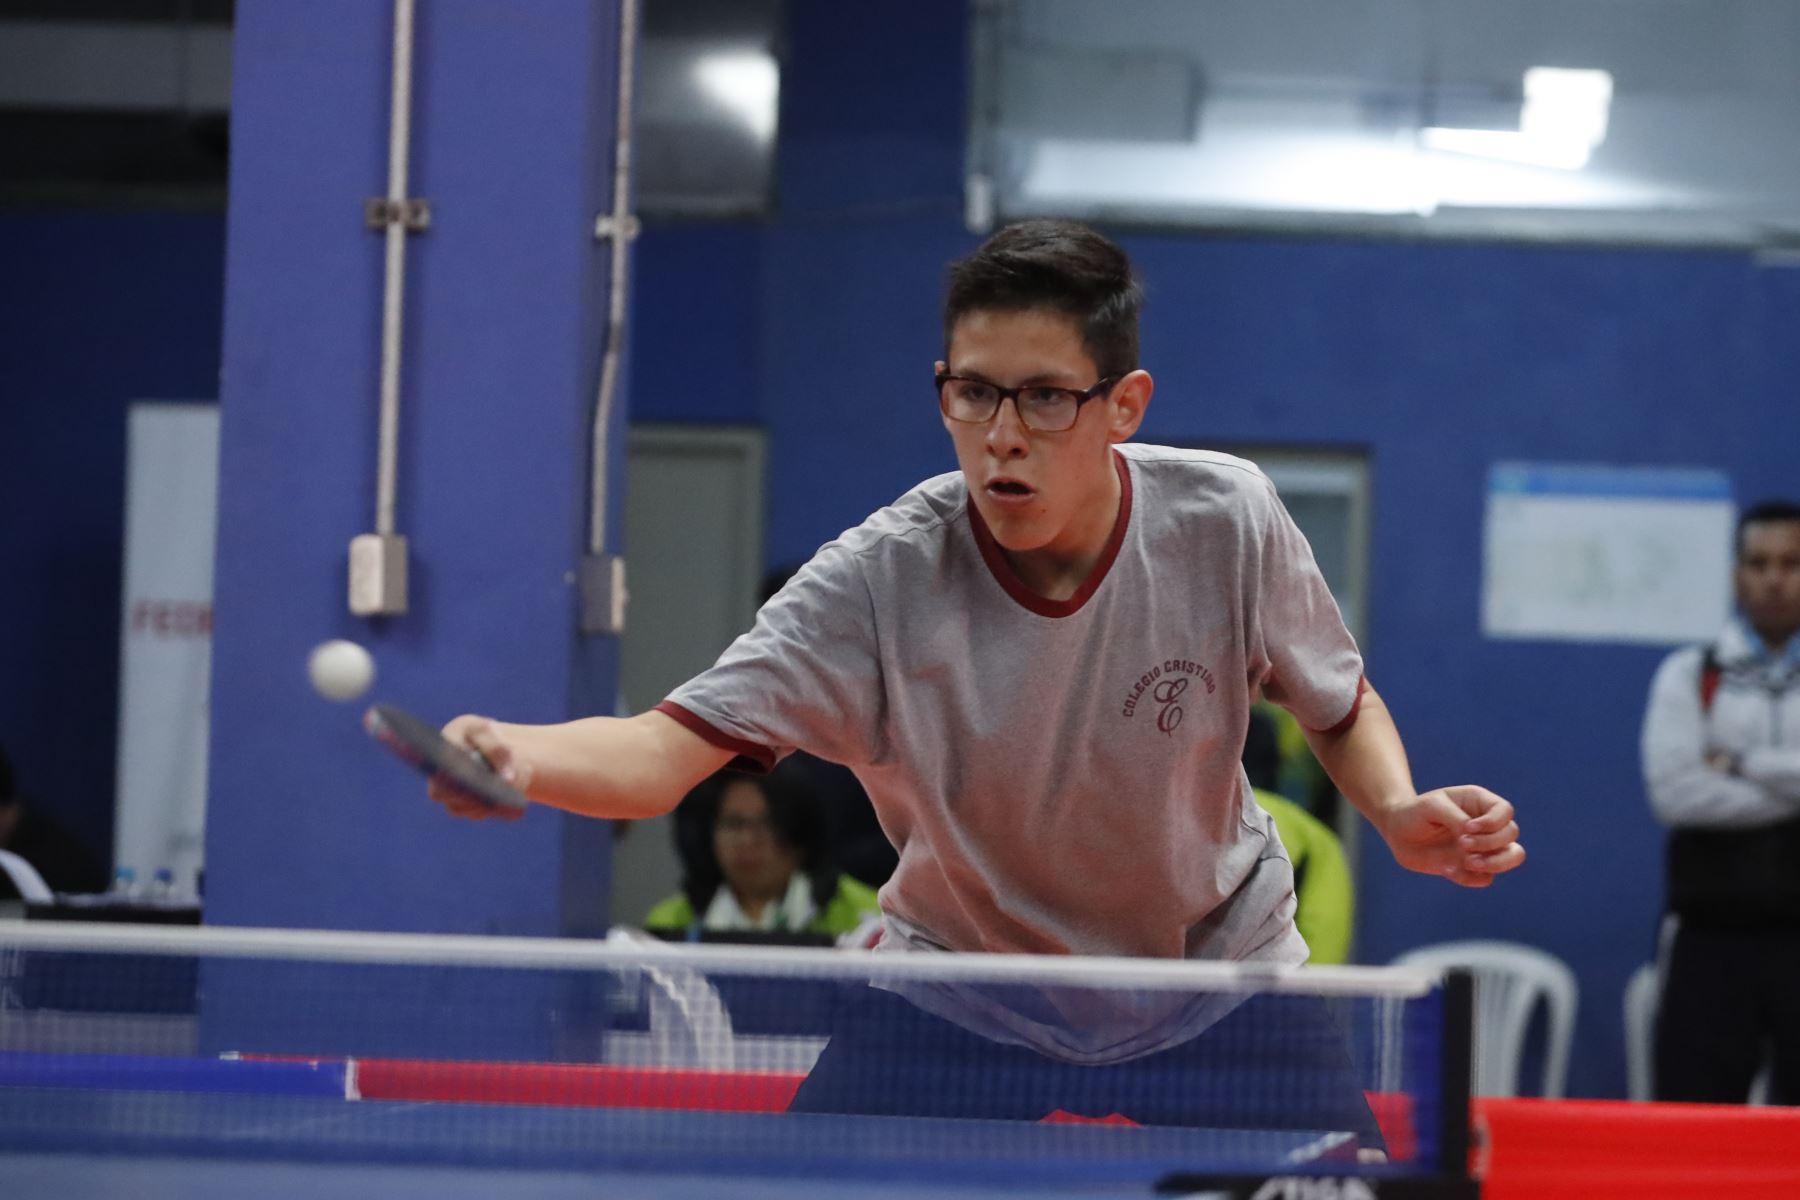 Fidel Aldave del Colegio Cristiano Elliot  participa en Juegos Escolares Nacionales 2019. Foto: ANDINA/Renato Pajuelo